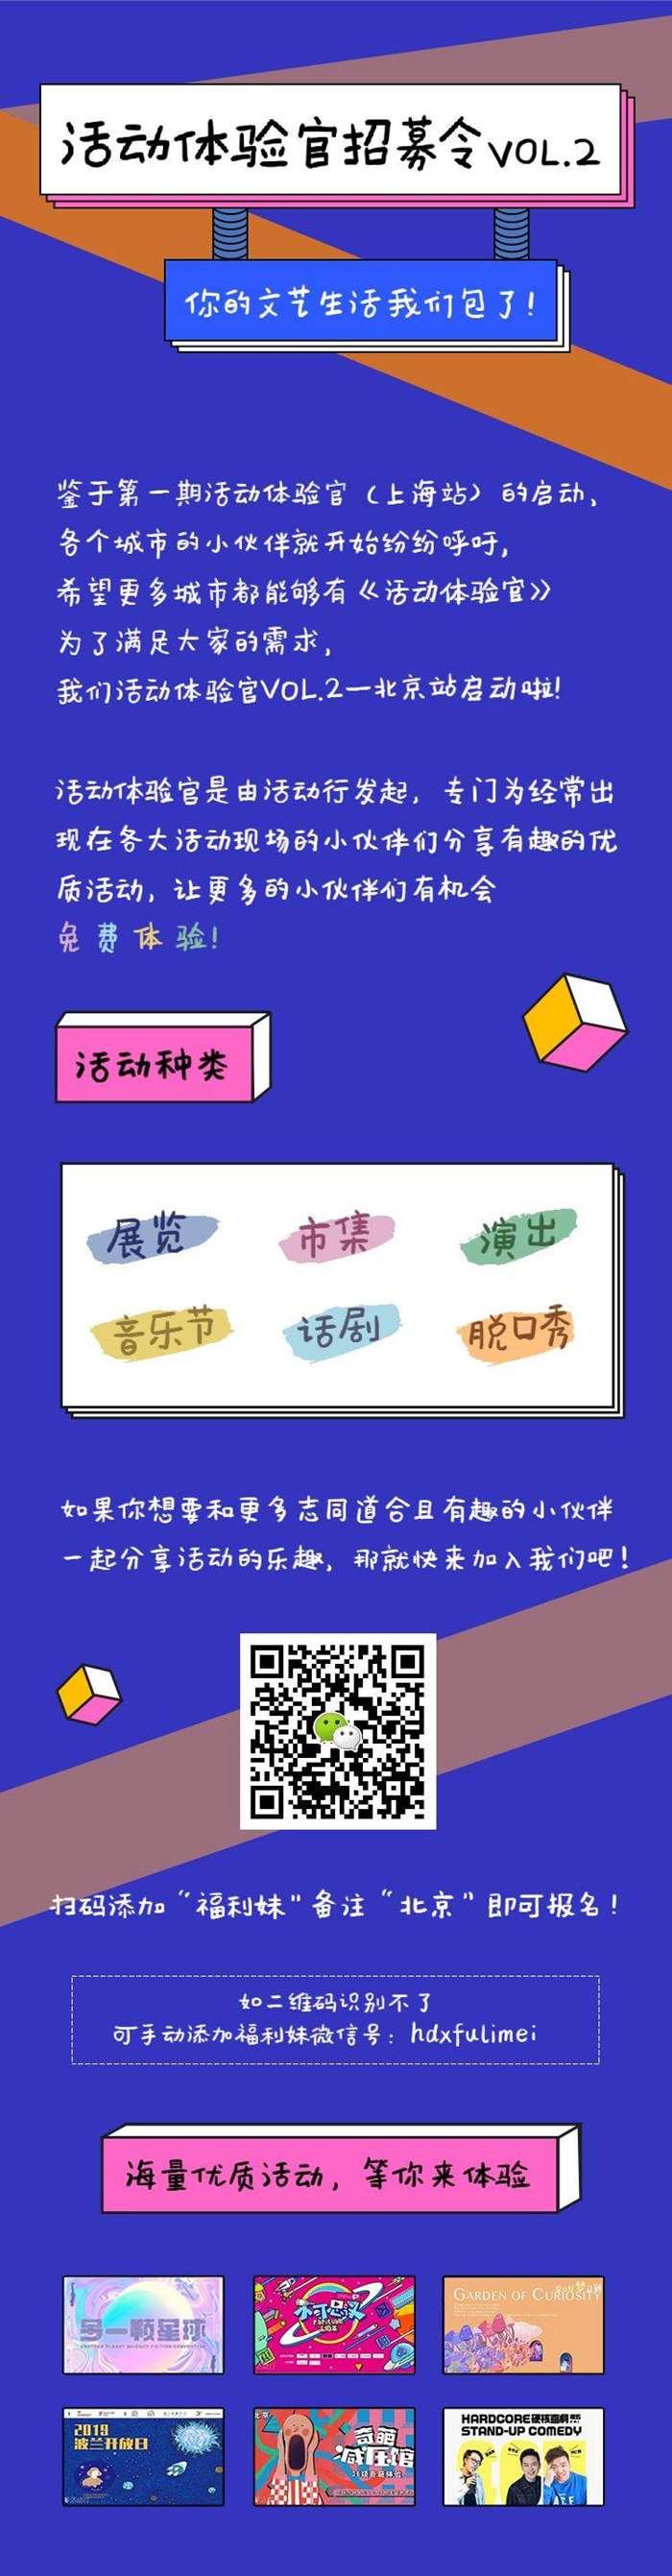 活动体验官招募令(北京).jpg